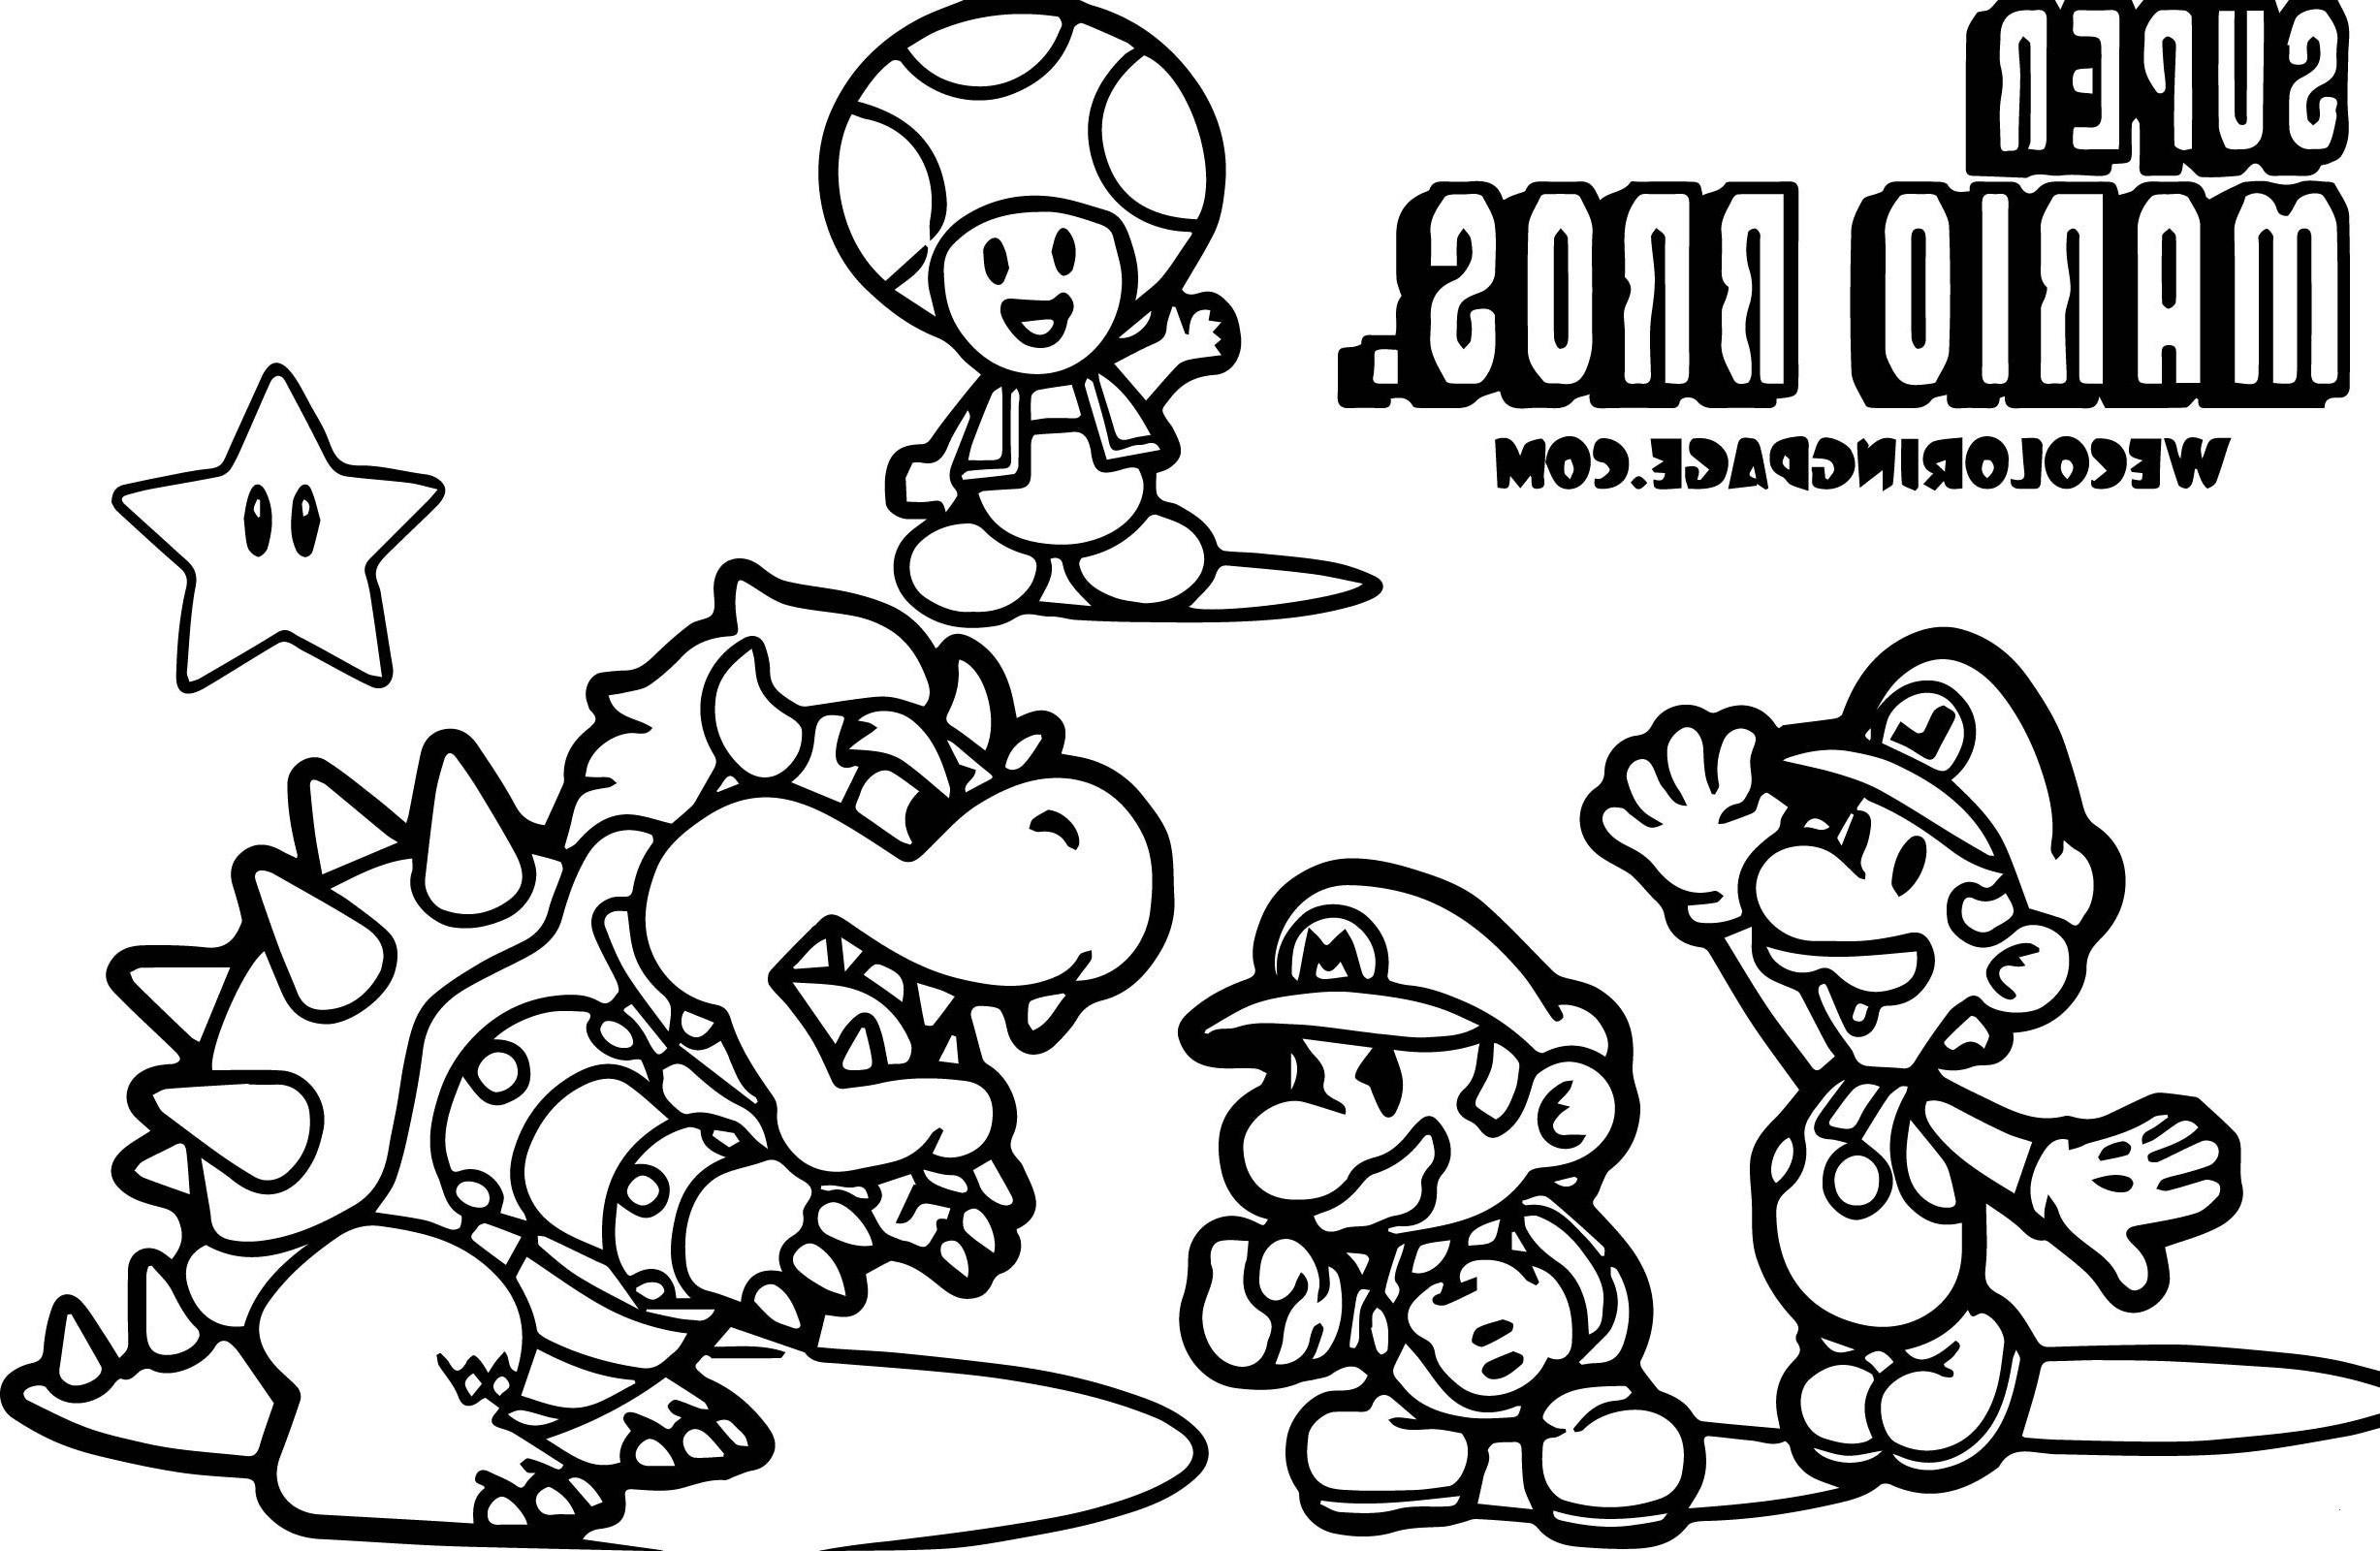 Malvorlage Super Mario Neu 28 Inspirierend Ausmalbild Super Mario – Malvorlagen Ideen Bild